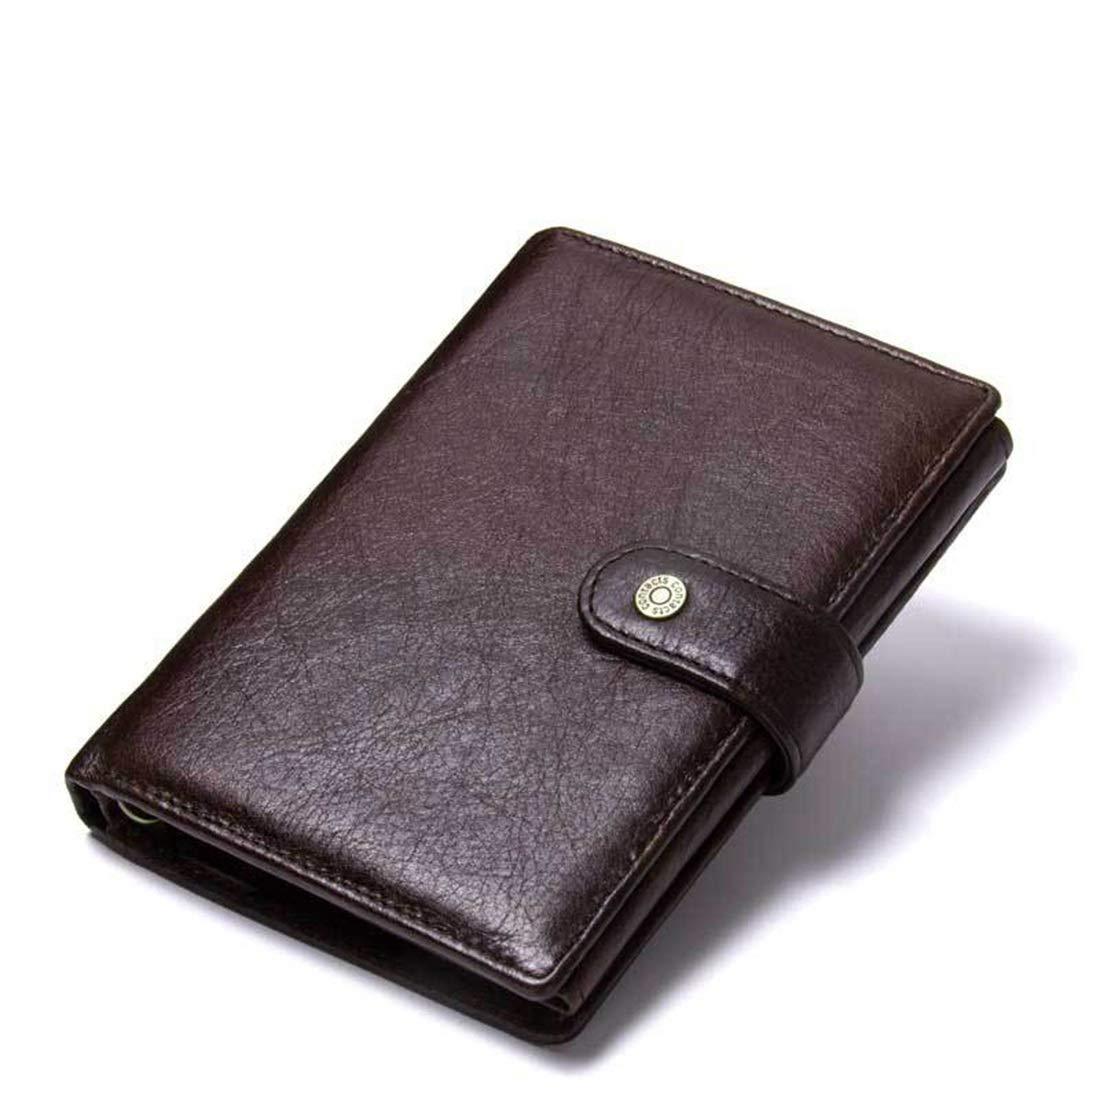 Haxibkena Herrenbrieftasche Leder Multifunktionale Schnalle Leder Brieftasche Passporttasche (Farbe   Coffee Farbe) B07MDP9T4J Geldbrsen